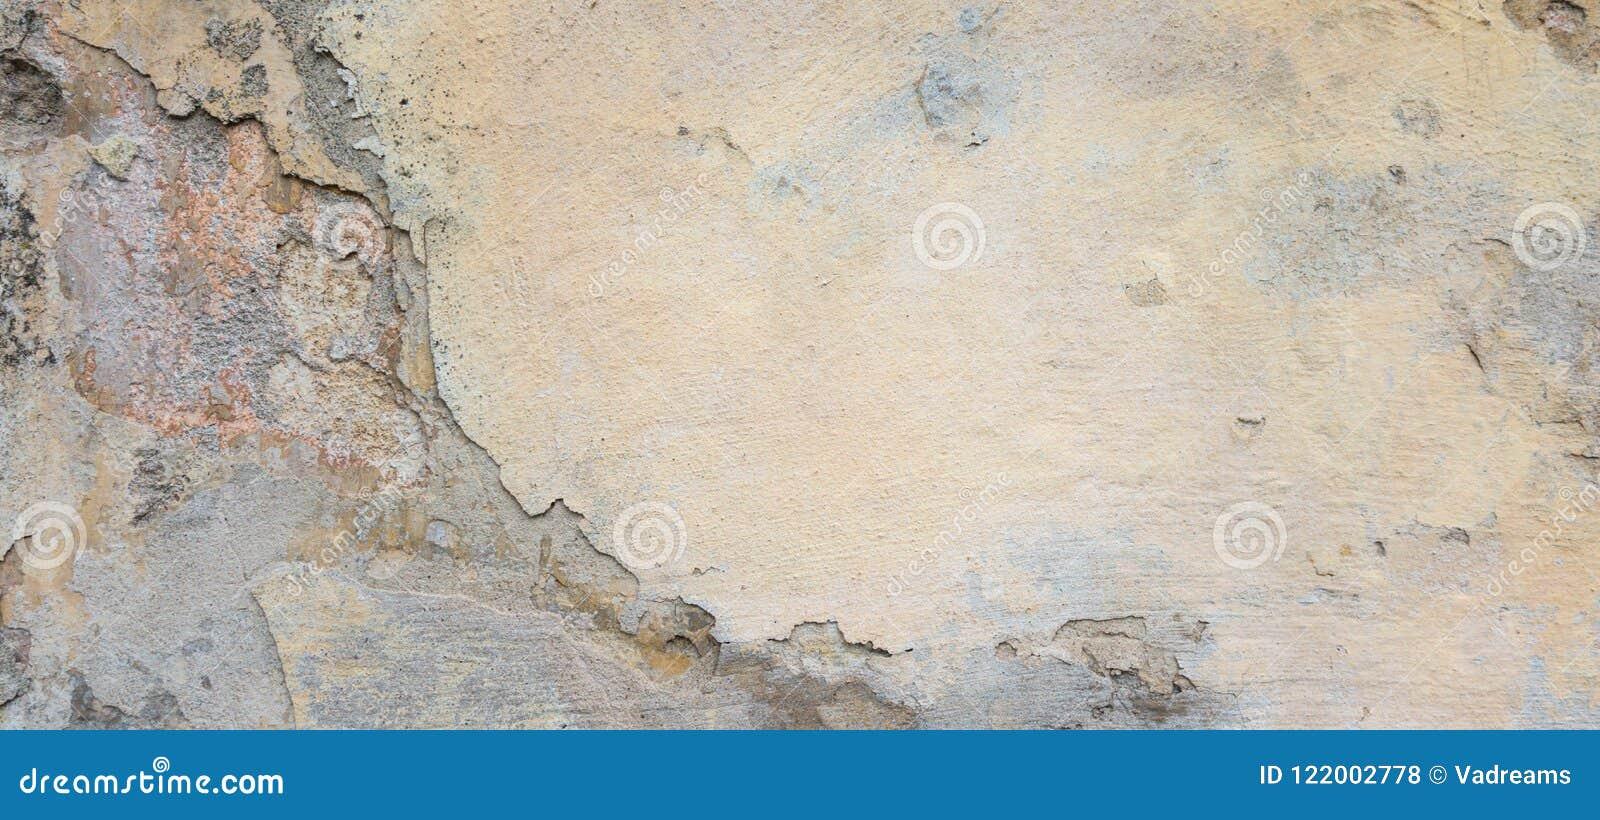 Vecchia parete del gesso con buccia grey stucco texture background